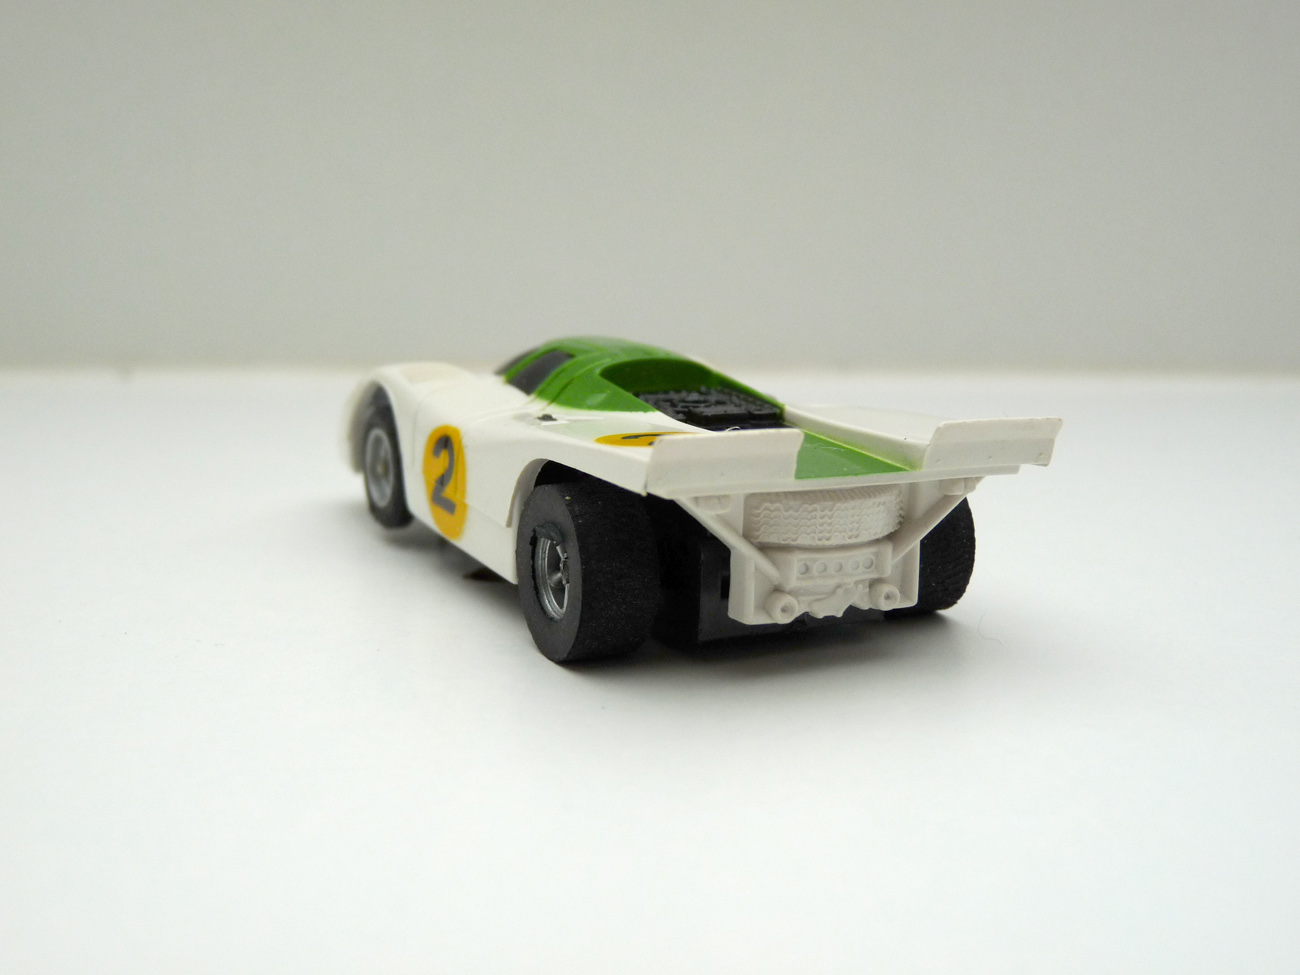 AURORA AFX Porsche 917k weiß/grün #2 -schwarze Scheibe